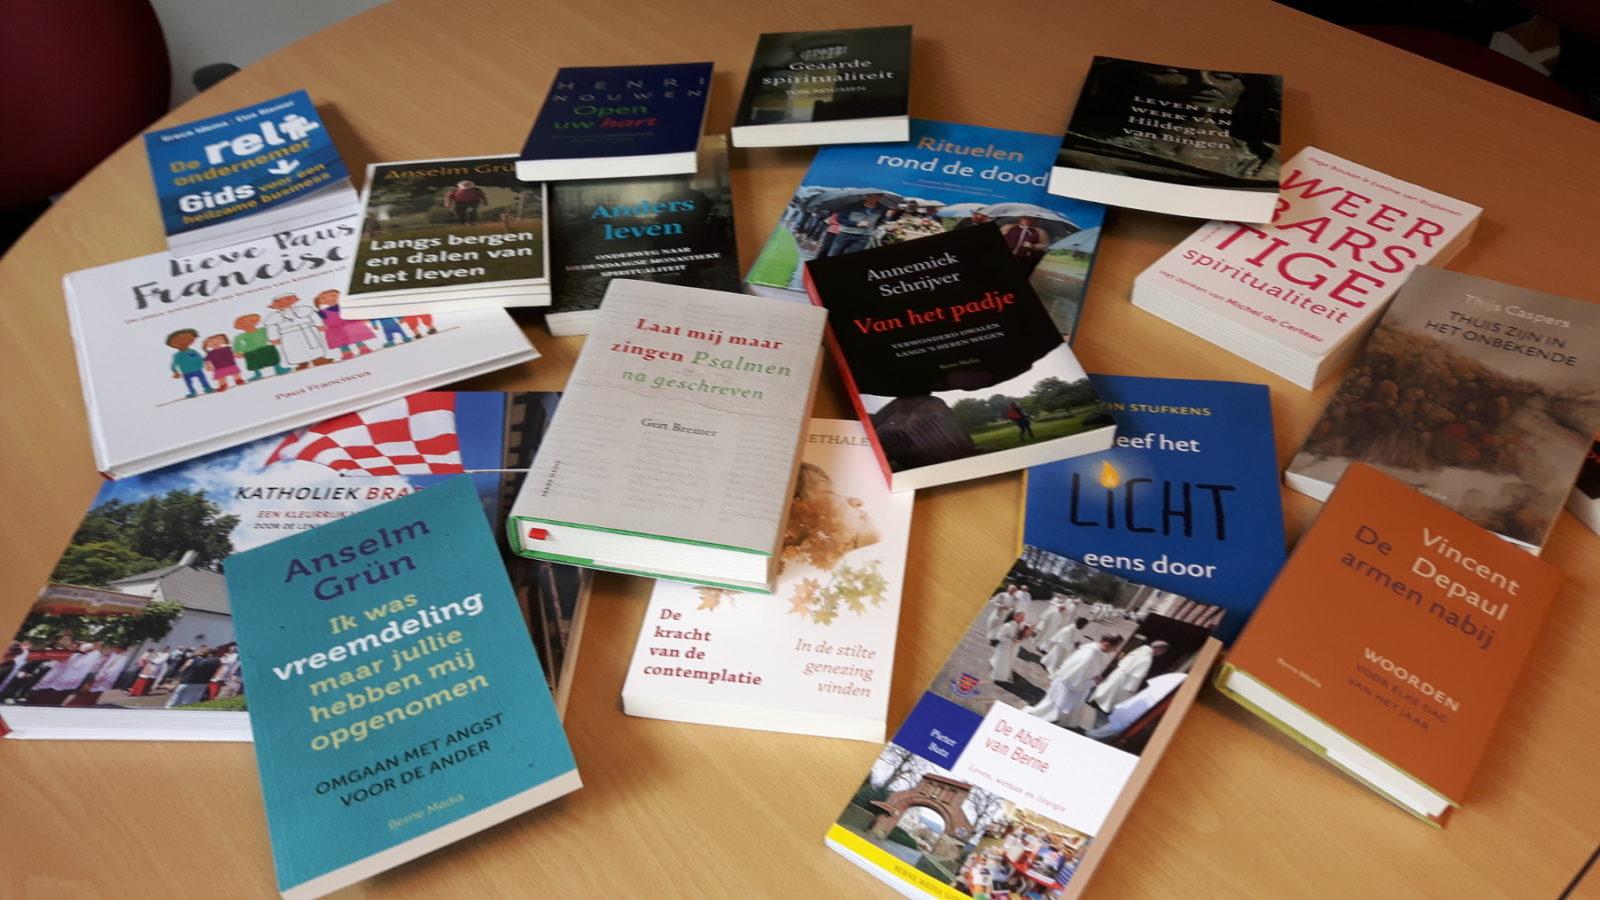 Afbeelding-boeken-Berne-Media